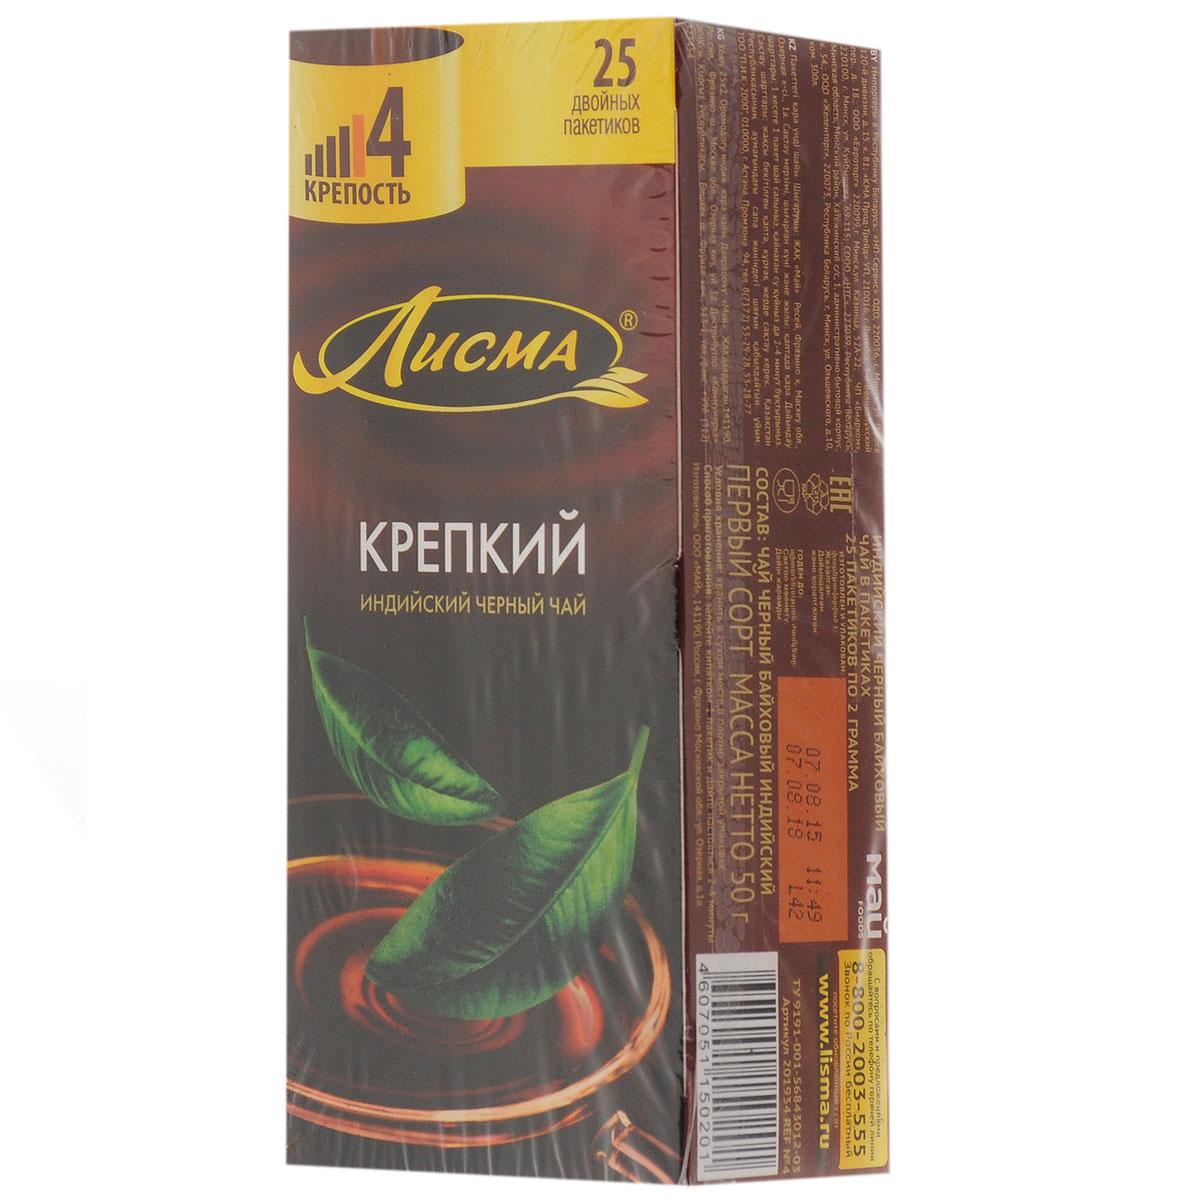 Лисма Крепкий черный чай в пакетиках, 25 шт0120710Лисма Крепкий - индийский черный байховый чай в пакетиках. Коробка содержит 25 пакетиков по 2 грамма.